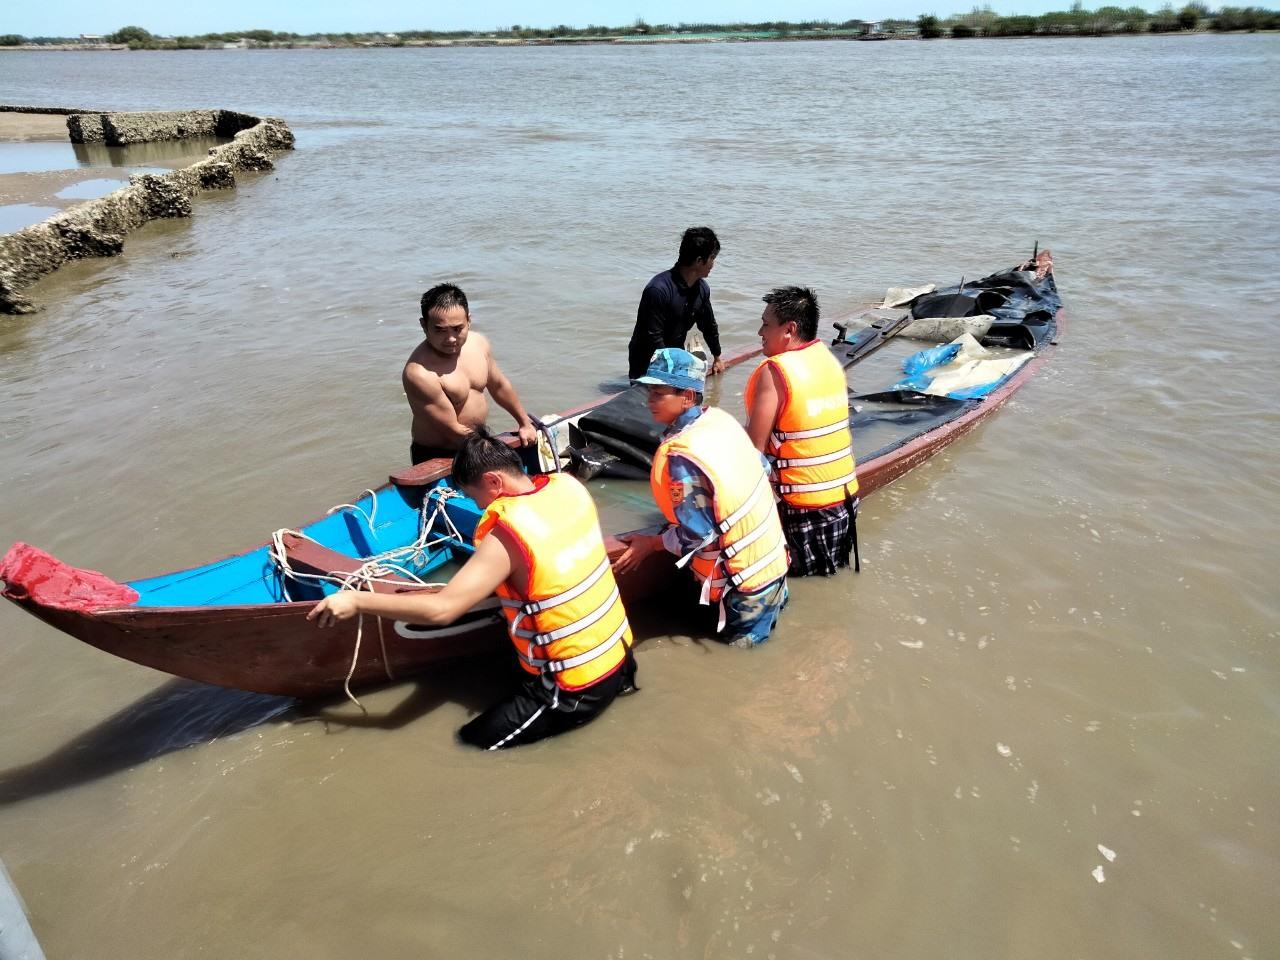 Bộ đội Biện phòng cứu hộ ghe bị chìm.